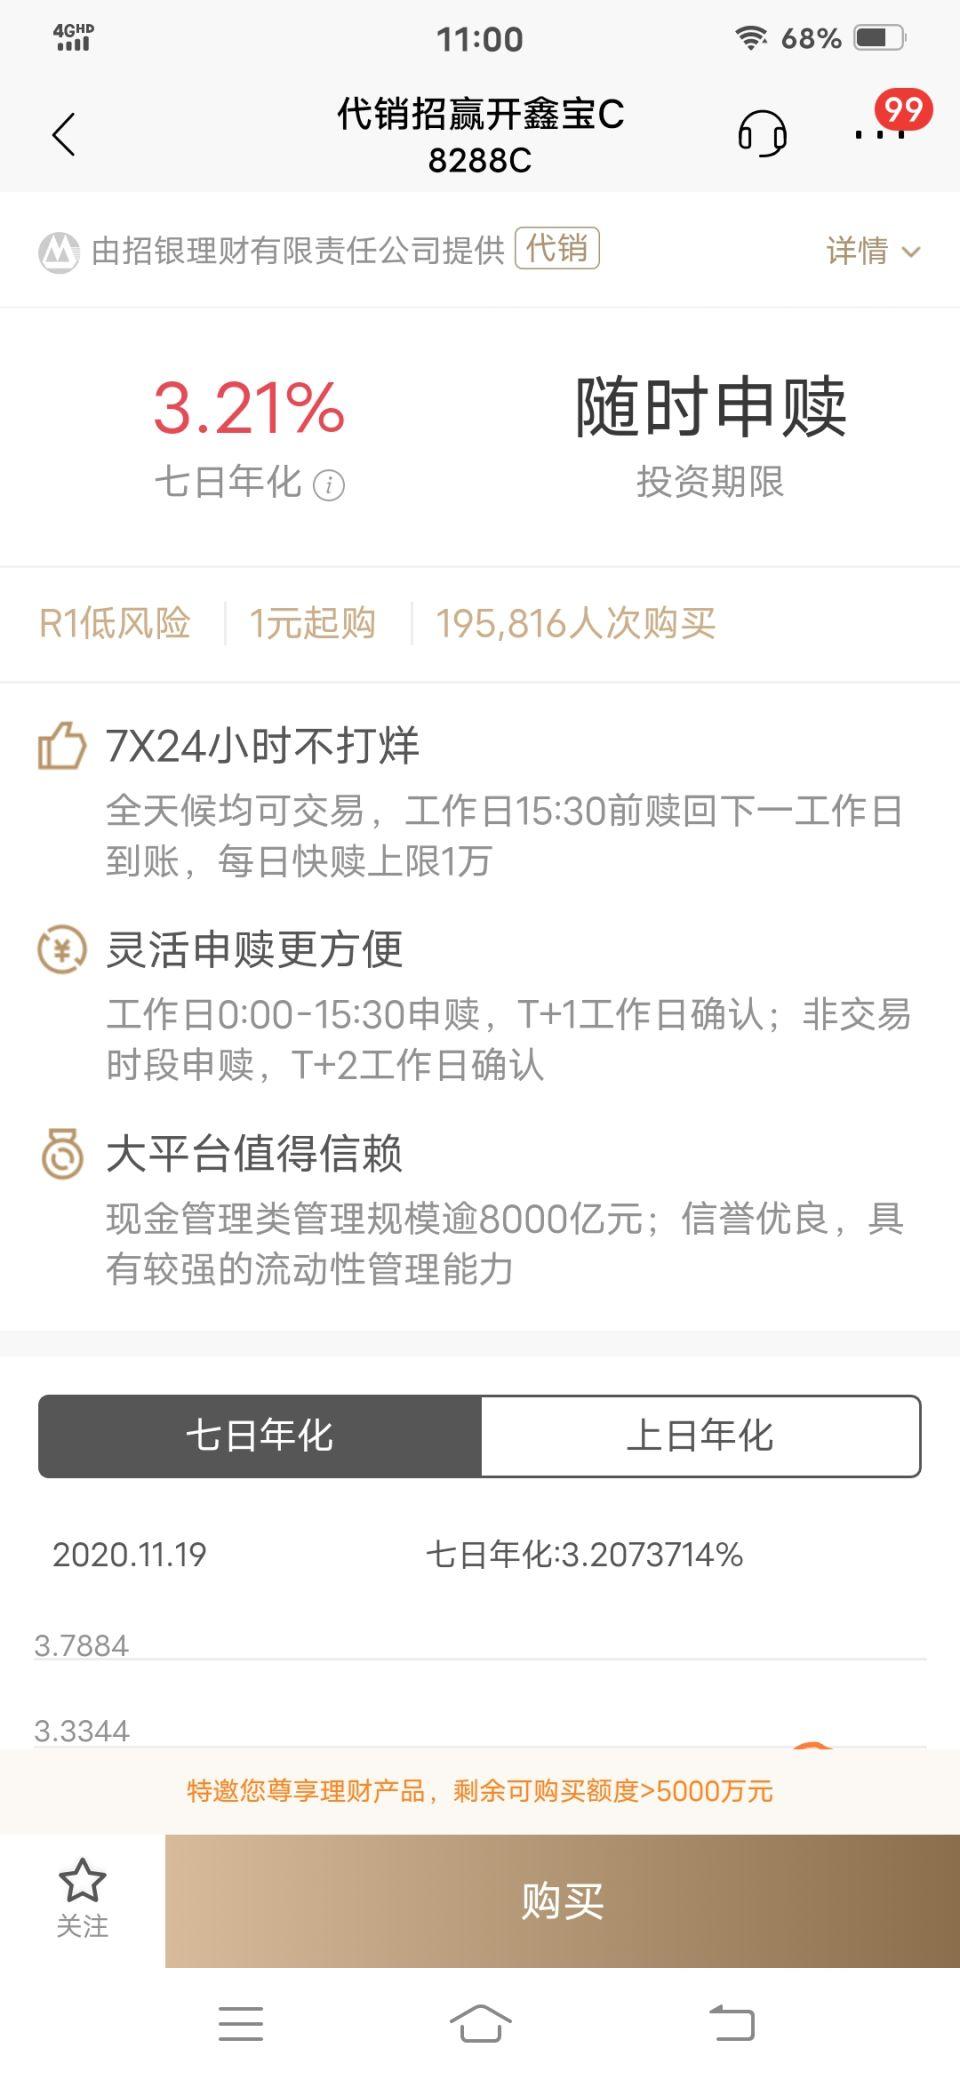 Screenshot_20201120_110031.jpg